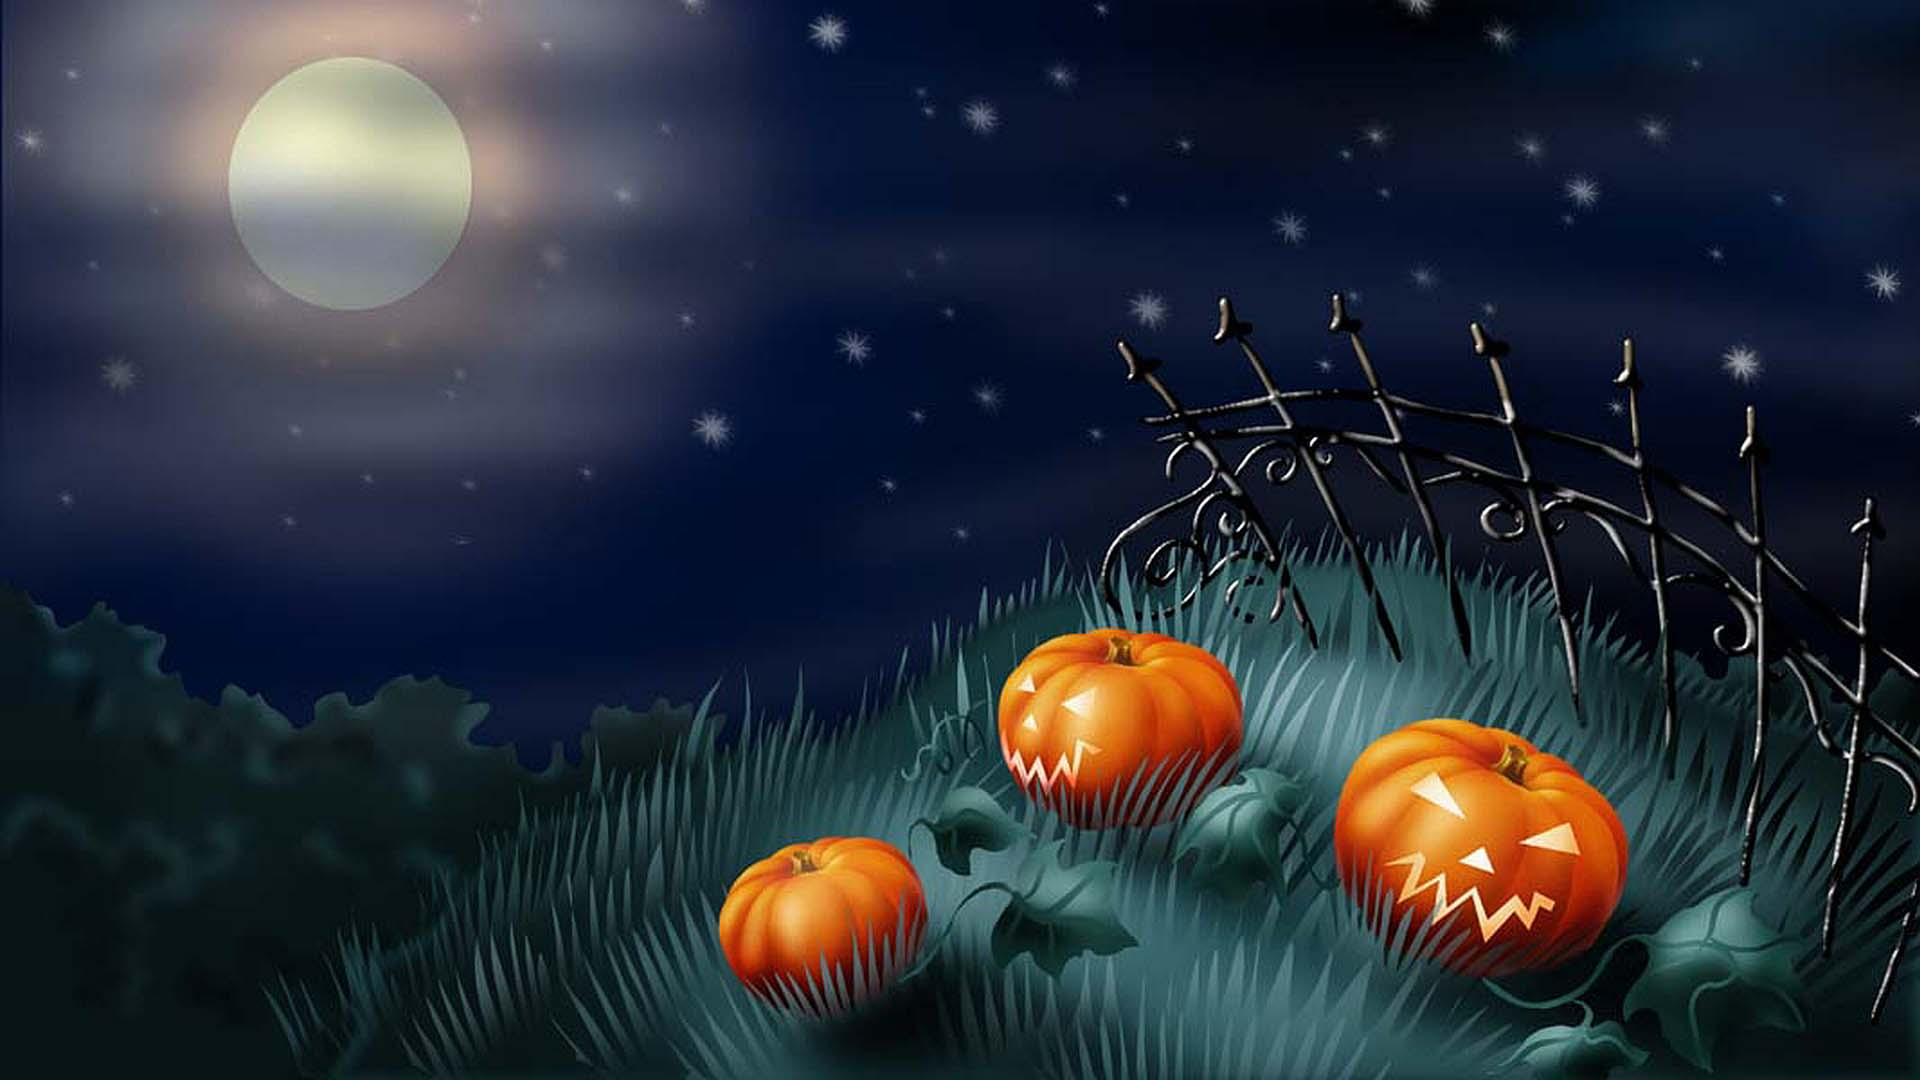 Ảnh nền halloween hoạt hình đẹp